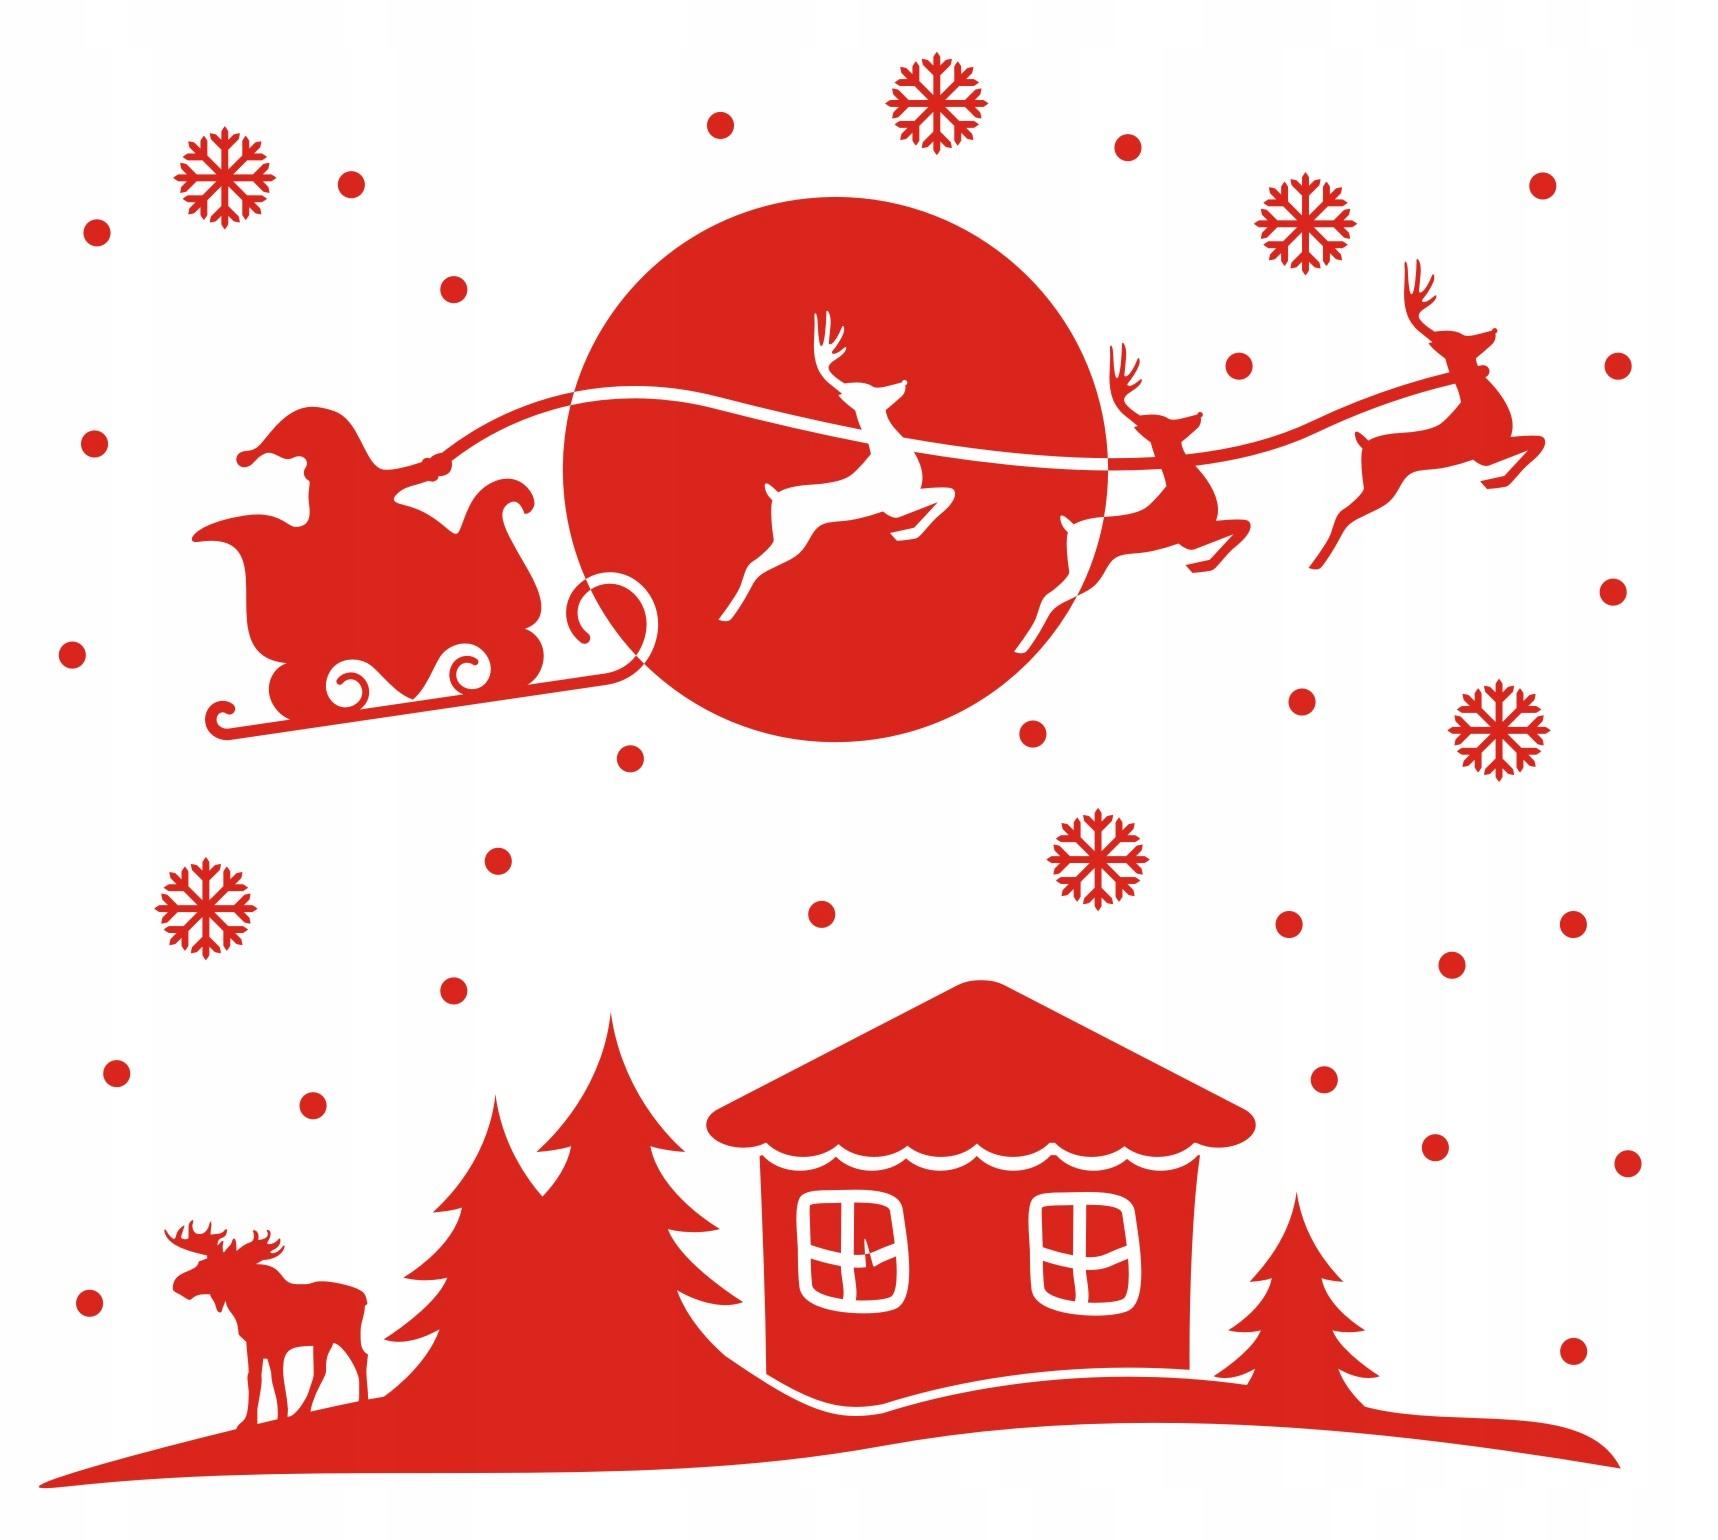 Vianočné samolepky na okennej vločke